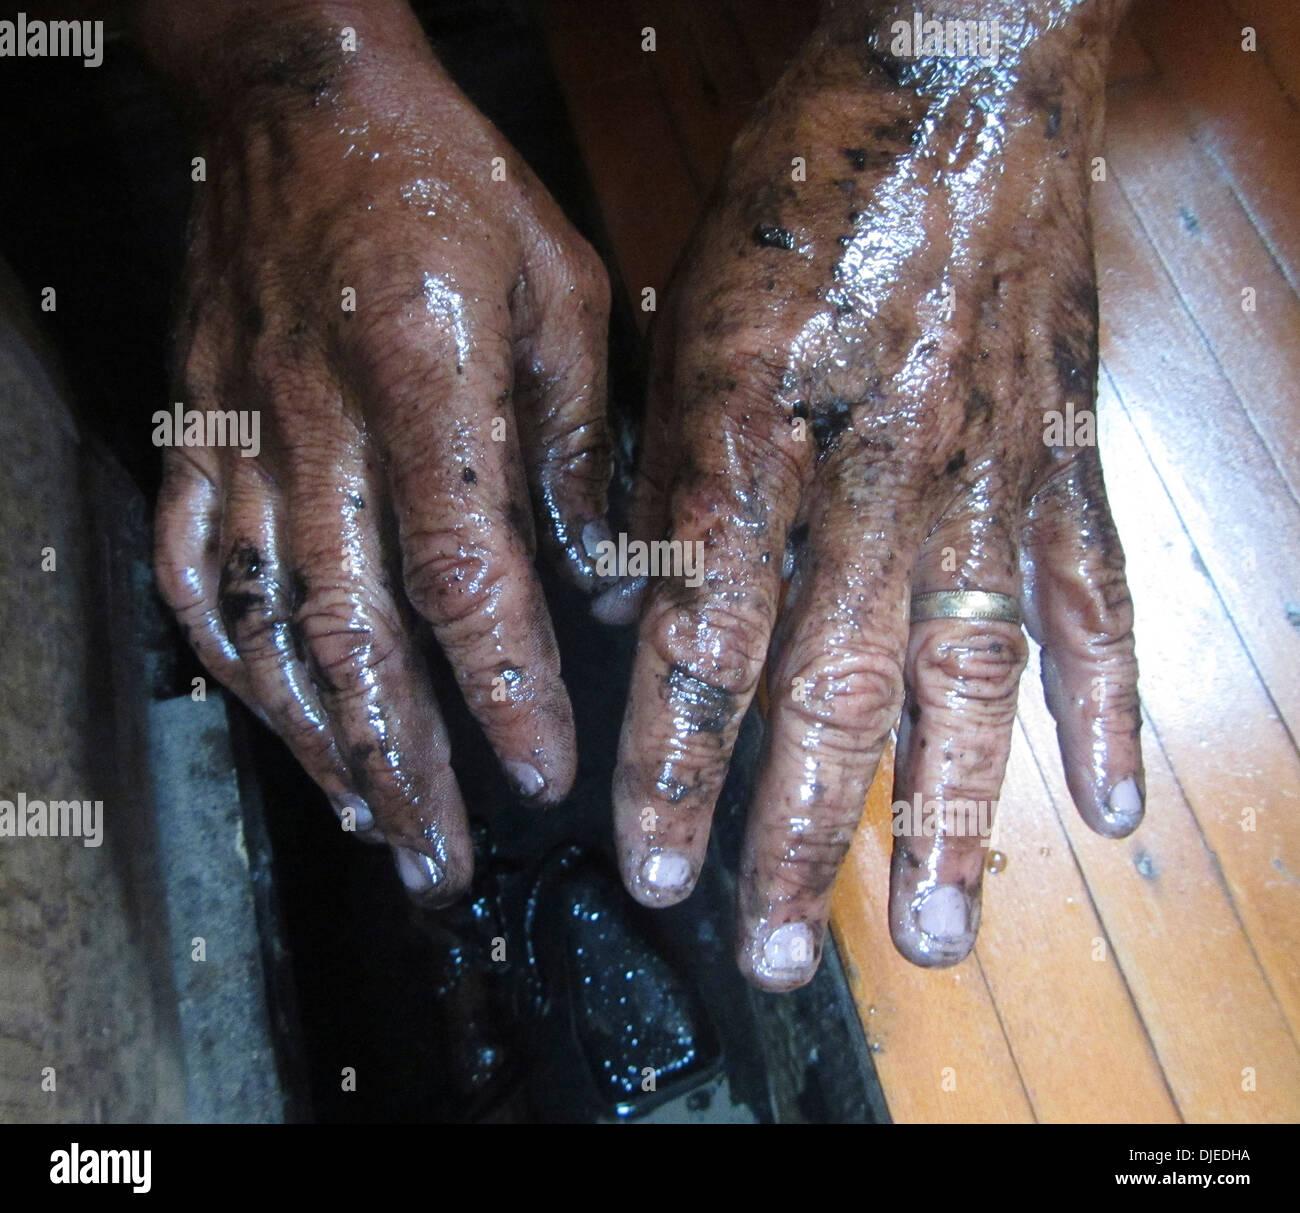 Les mains sales, gras, qui ont été dans la cale d'un bateau fuite d'huile. Photo Stock